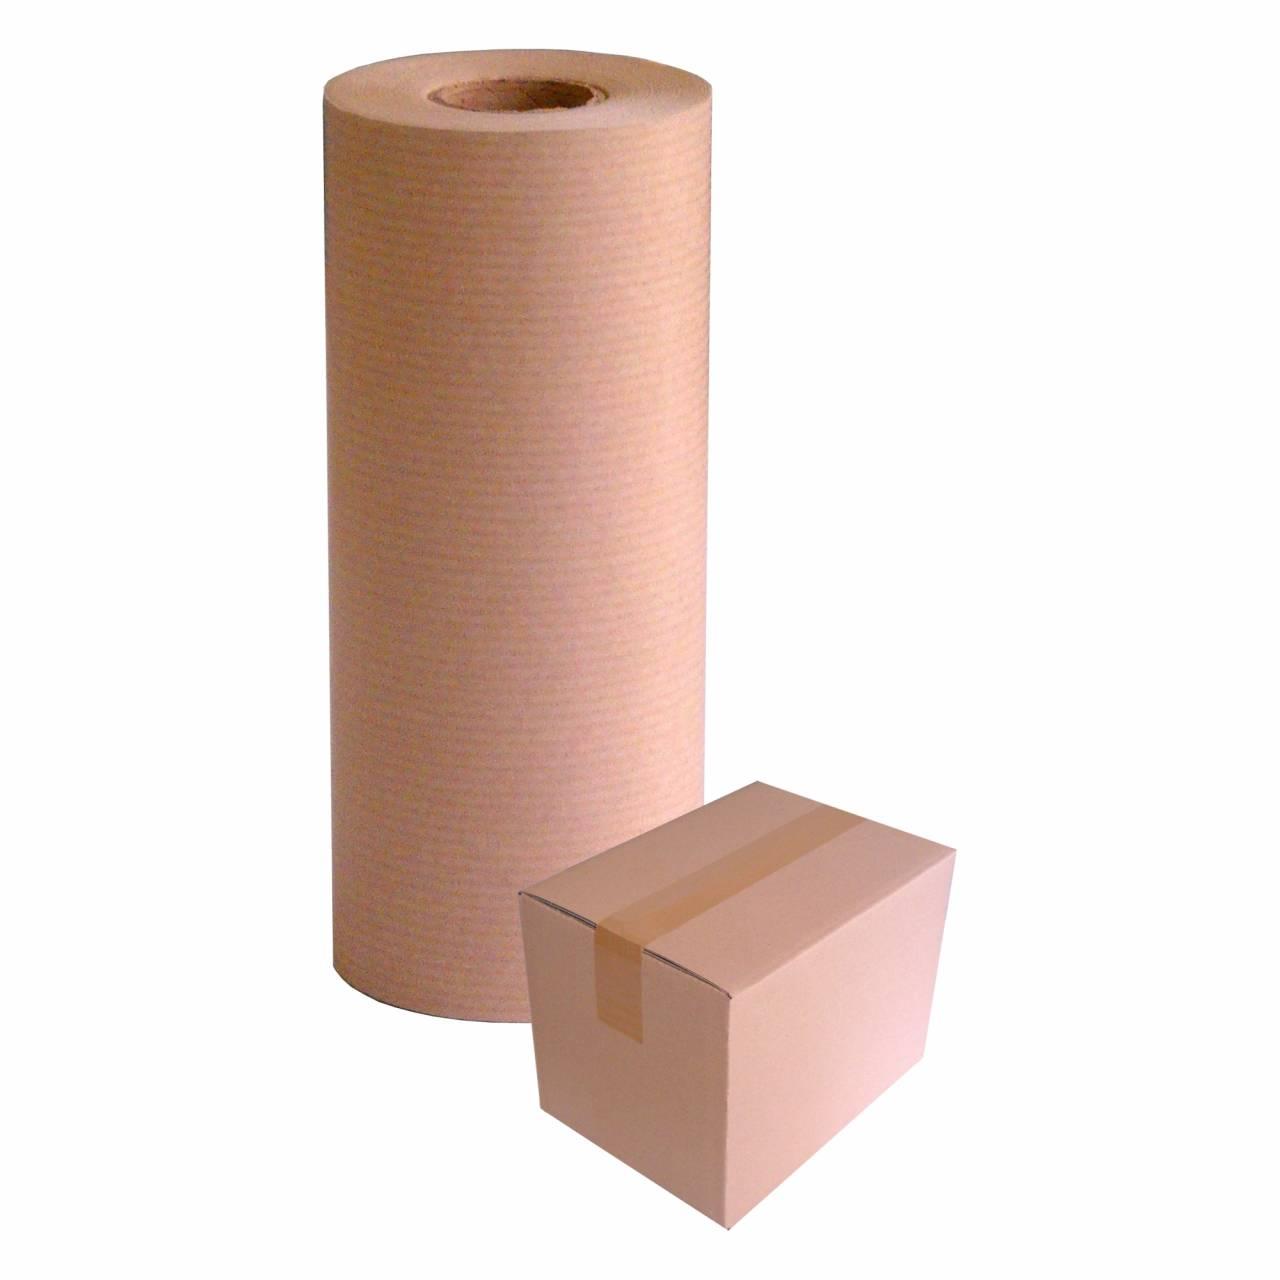 Abdeckpapier, 300 mm x 50 m / Krt a 15 Rollen